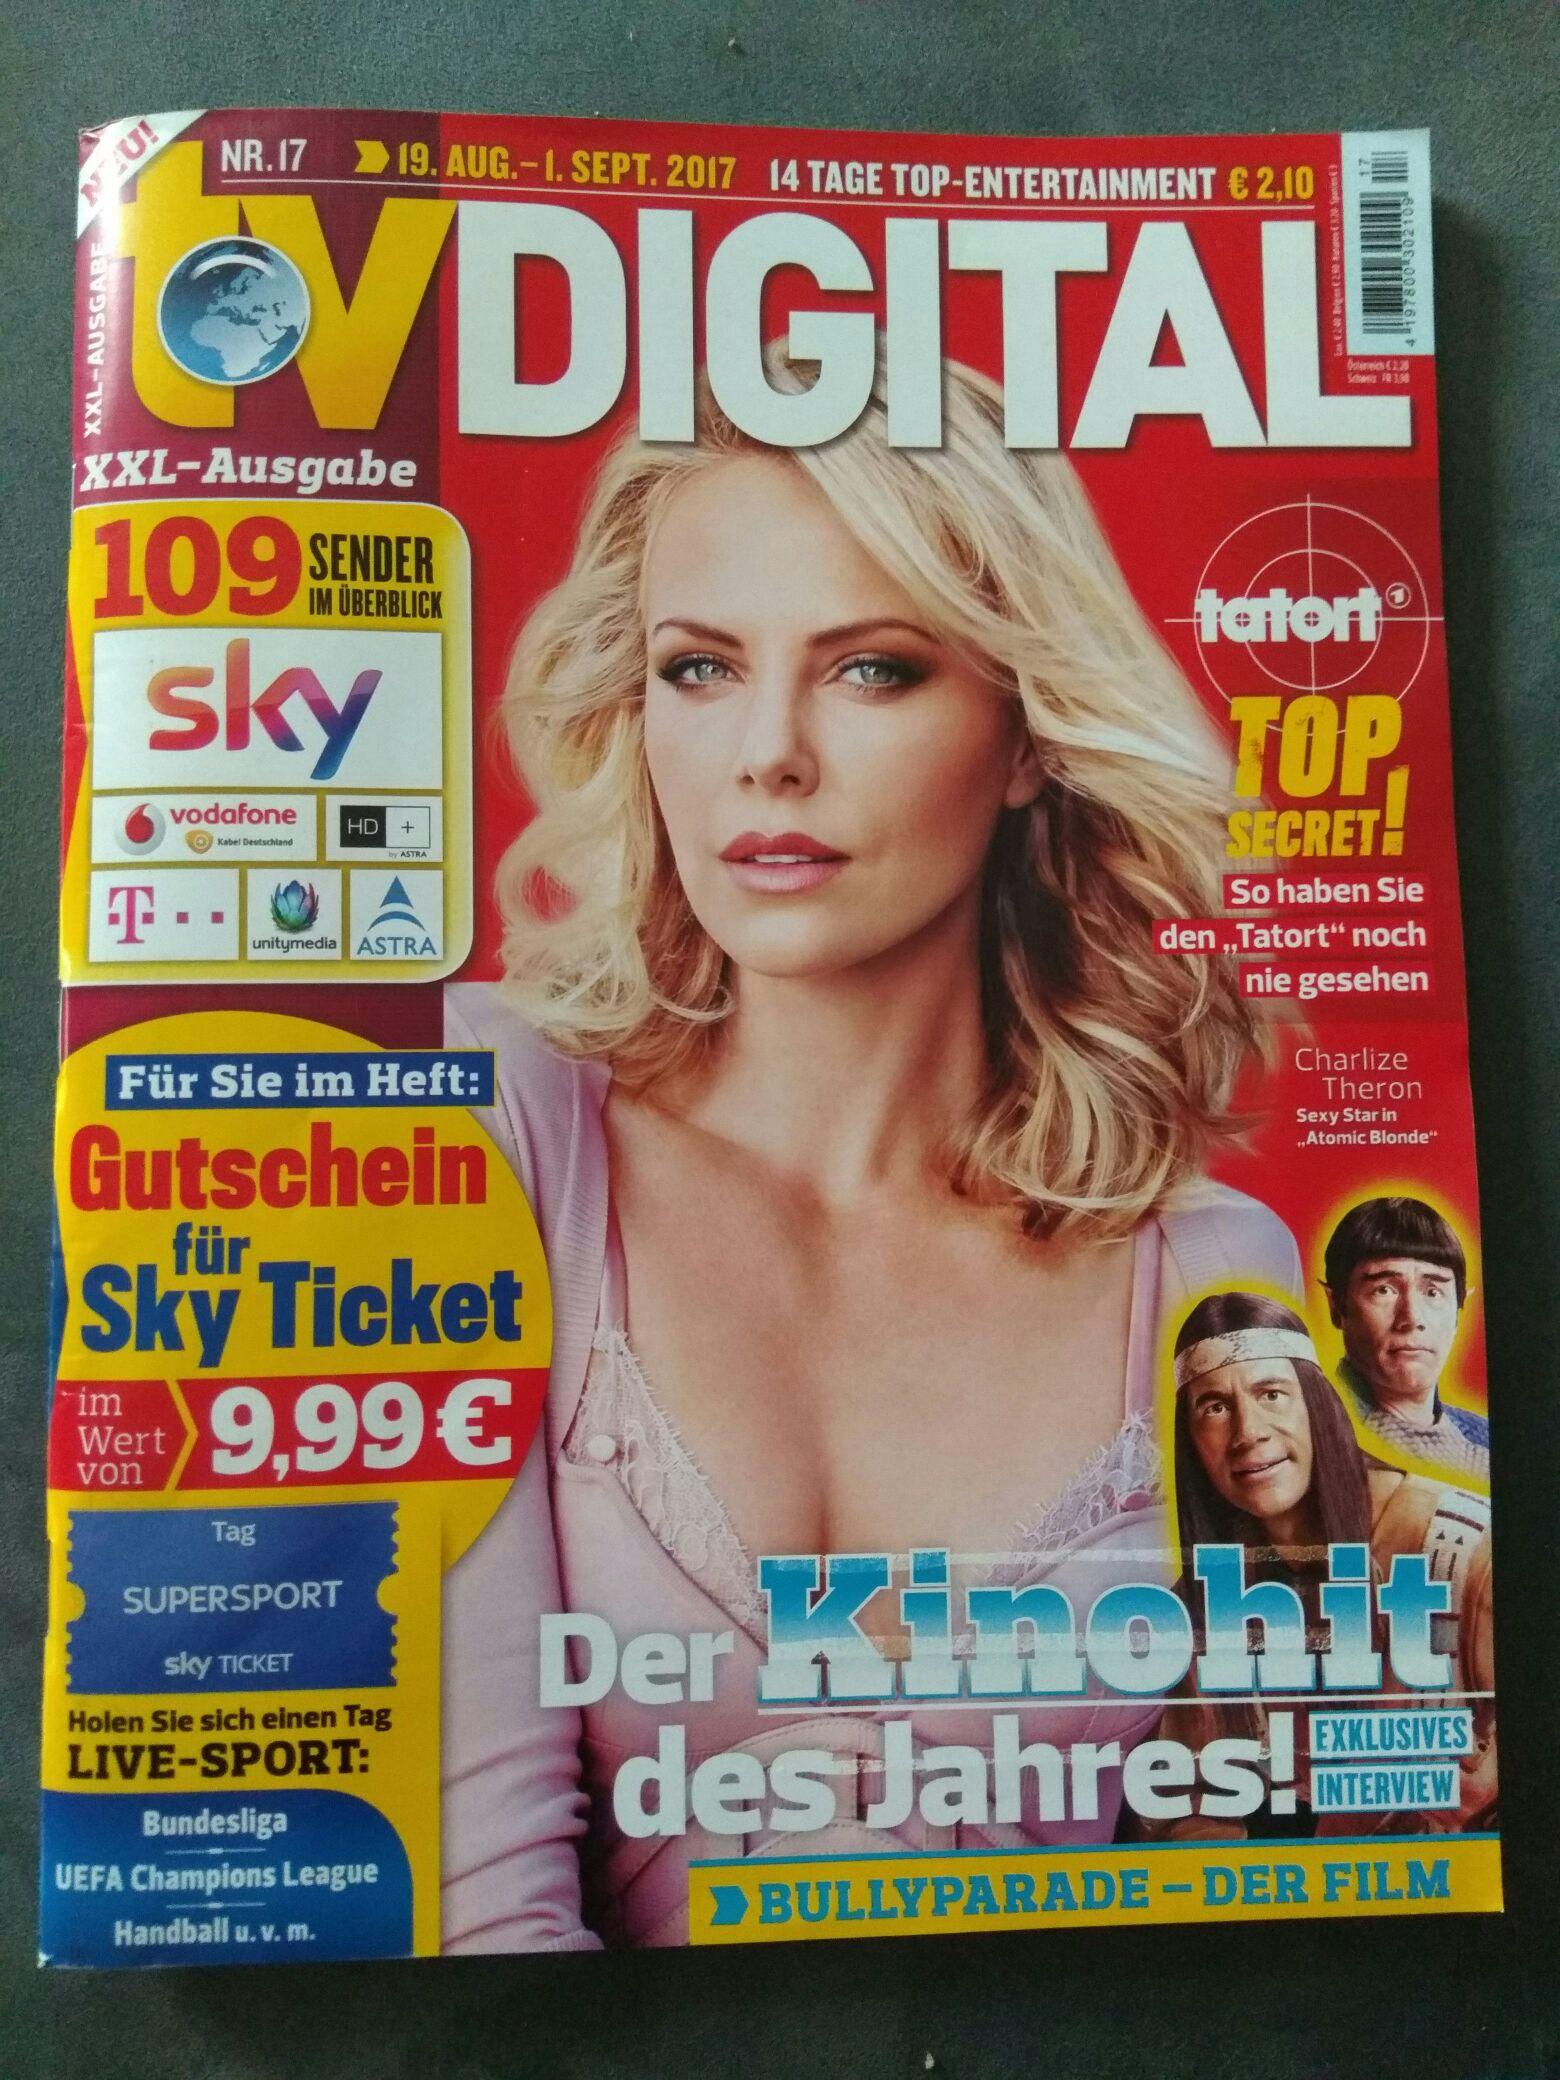 Gutschein für Sky Ticket (nur Neukunden) im Wert von 9,99€ in der aktuellen TV Digital